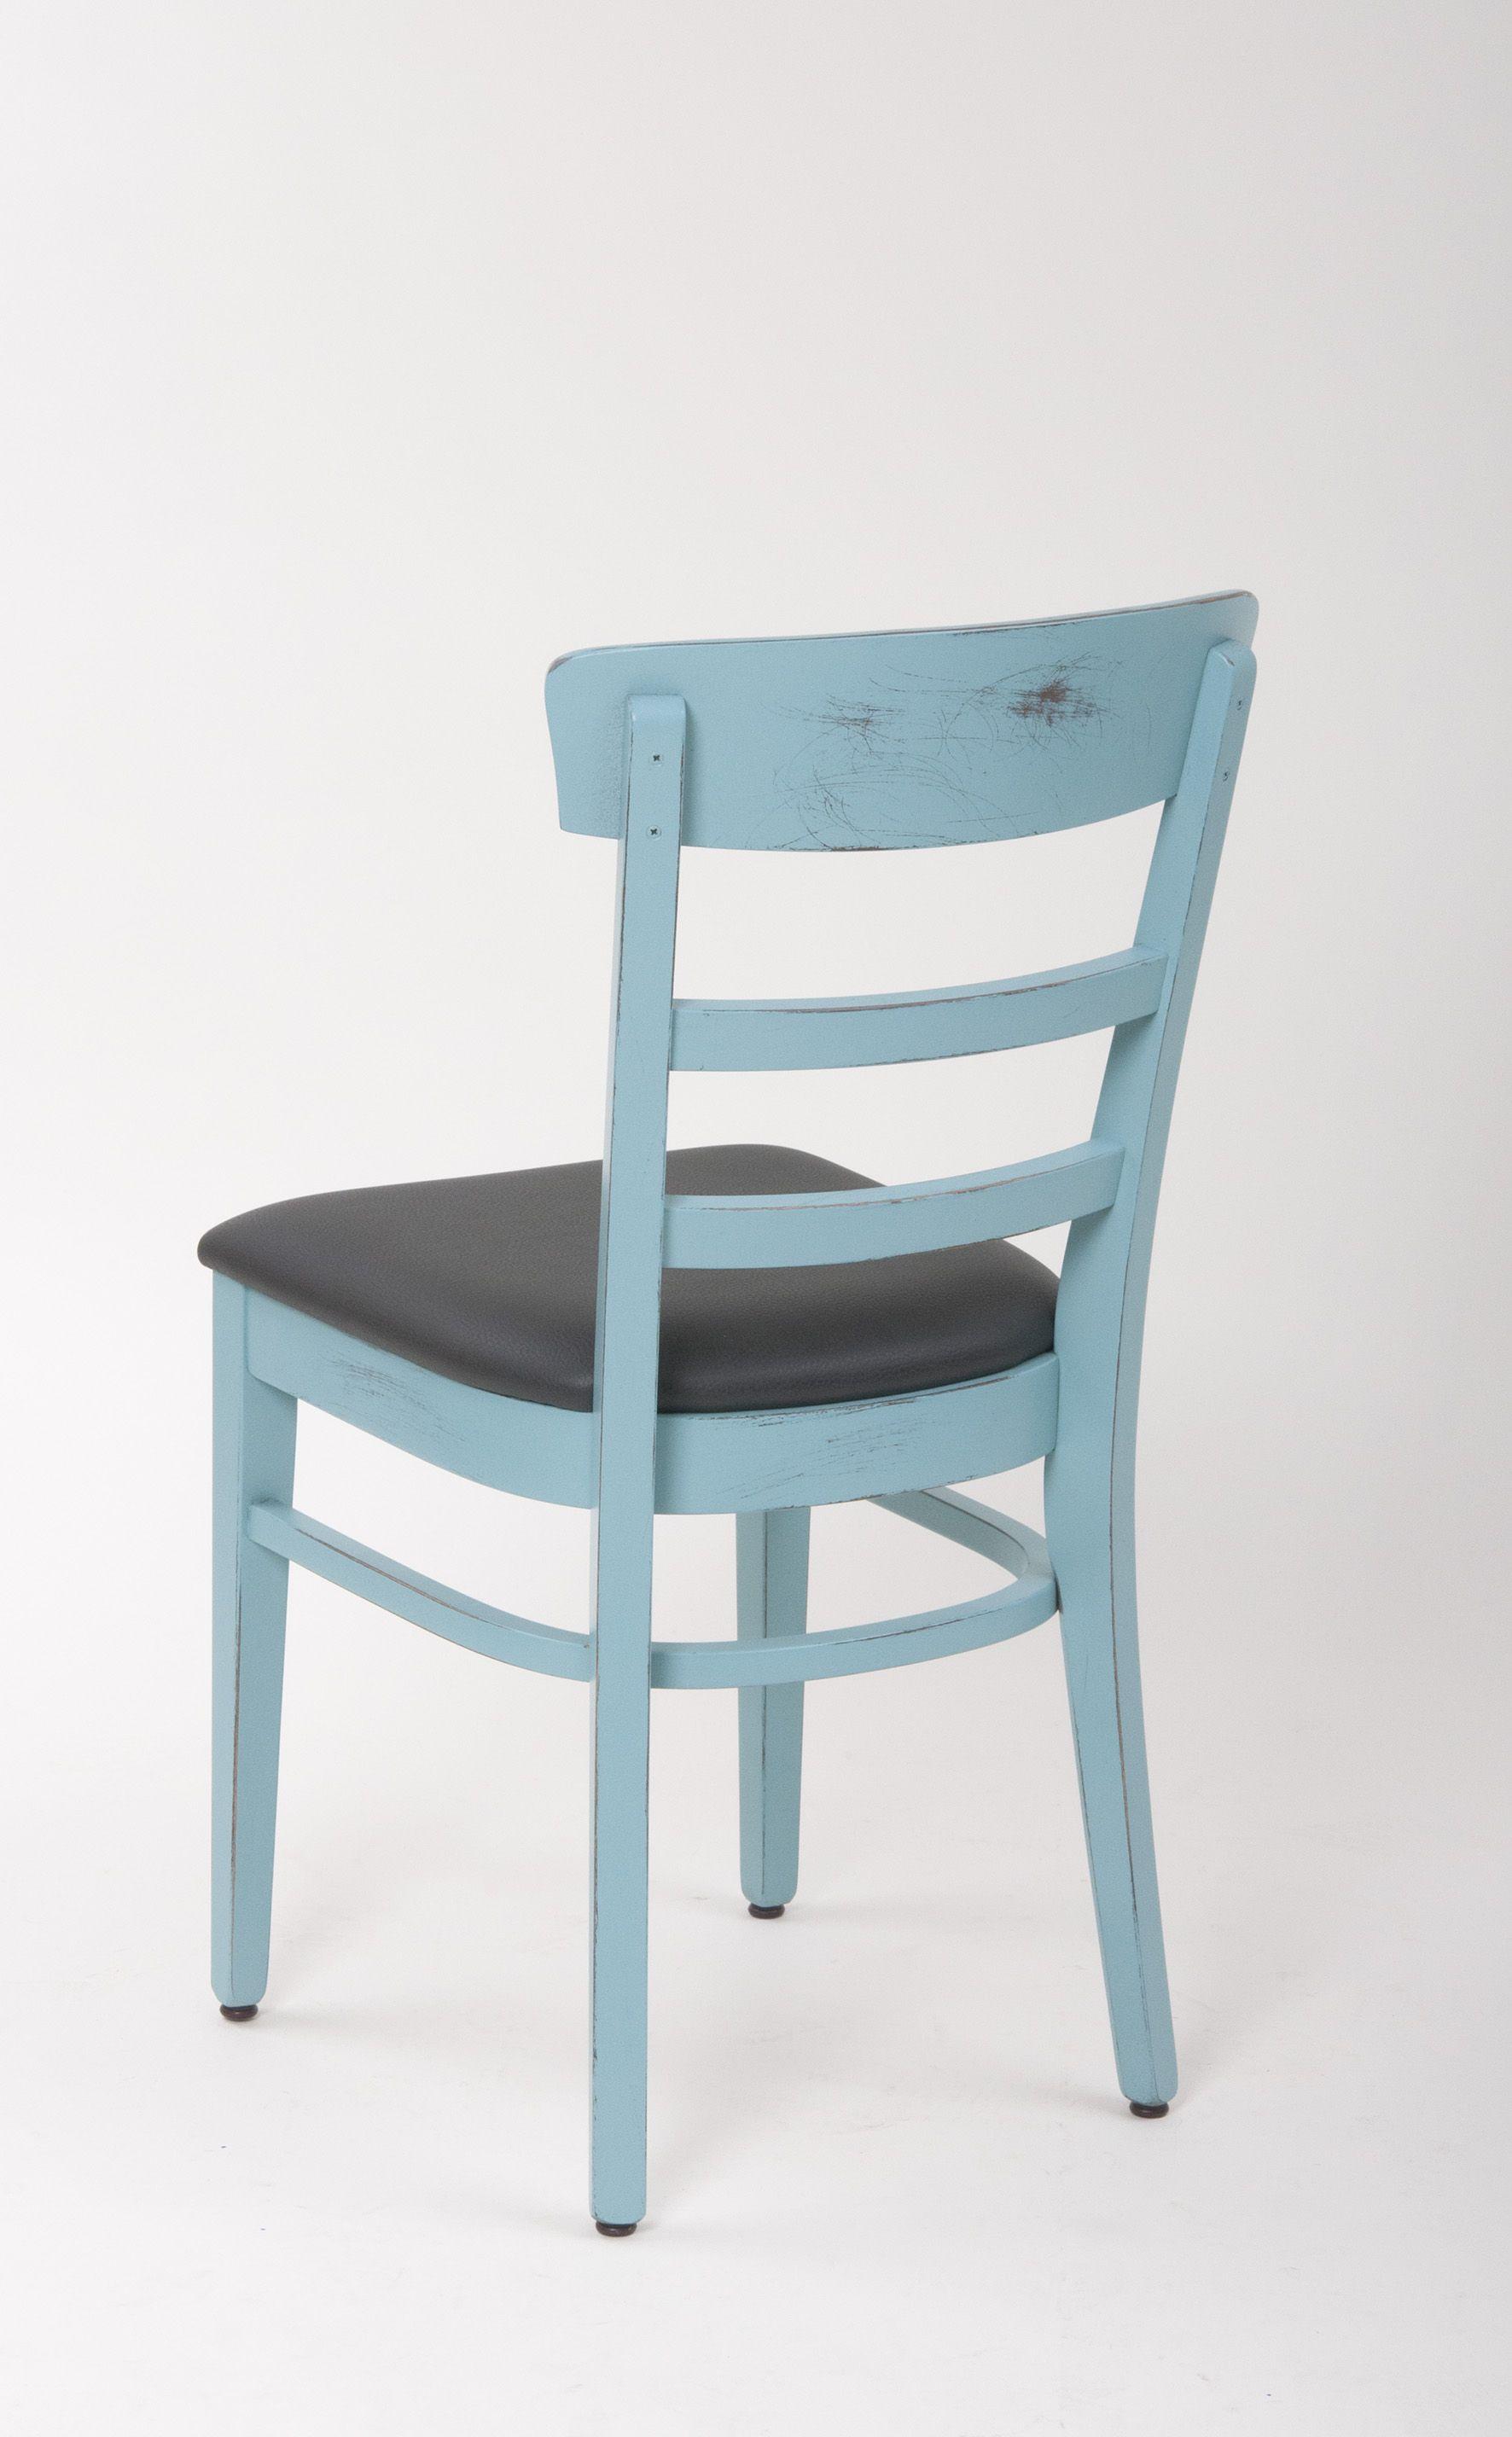 Der Stuhl Ulmer 11306 Und Auch Der Frankfurter 11302 Sind Seit 1950 In Fast Unveranderter Form Im Schnieder Programm S Gastronomie Mobel Estischstuhle Stuhle